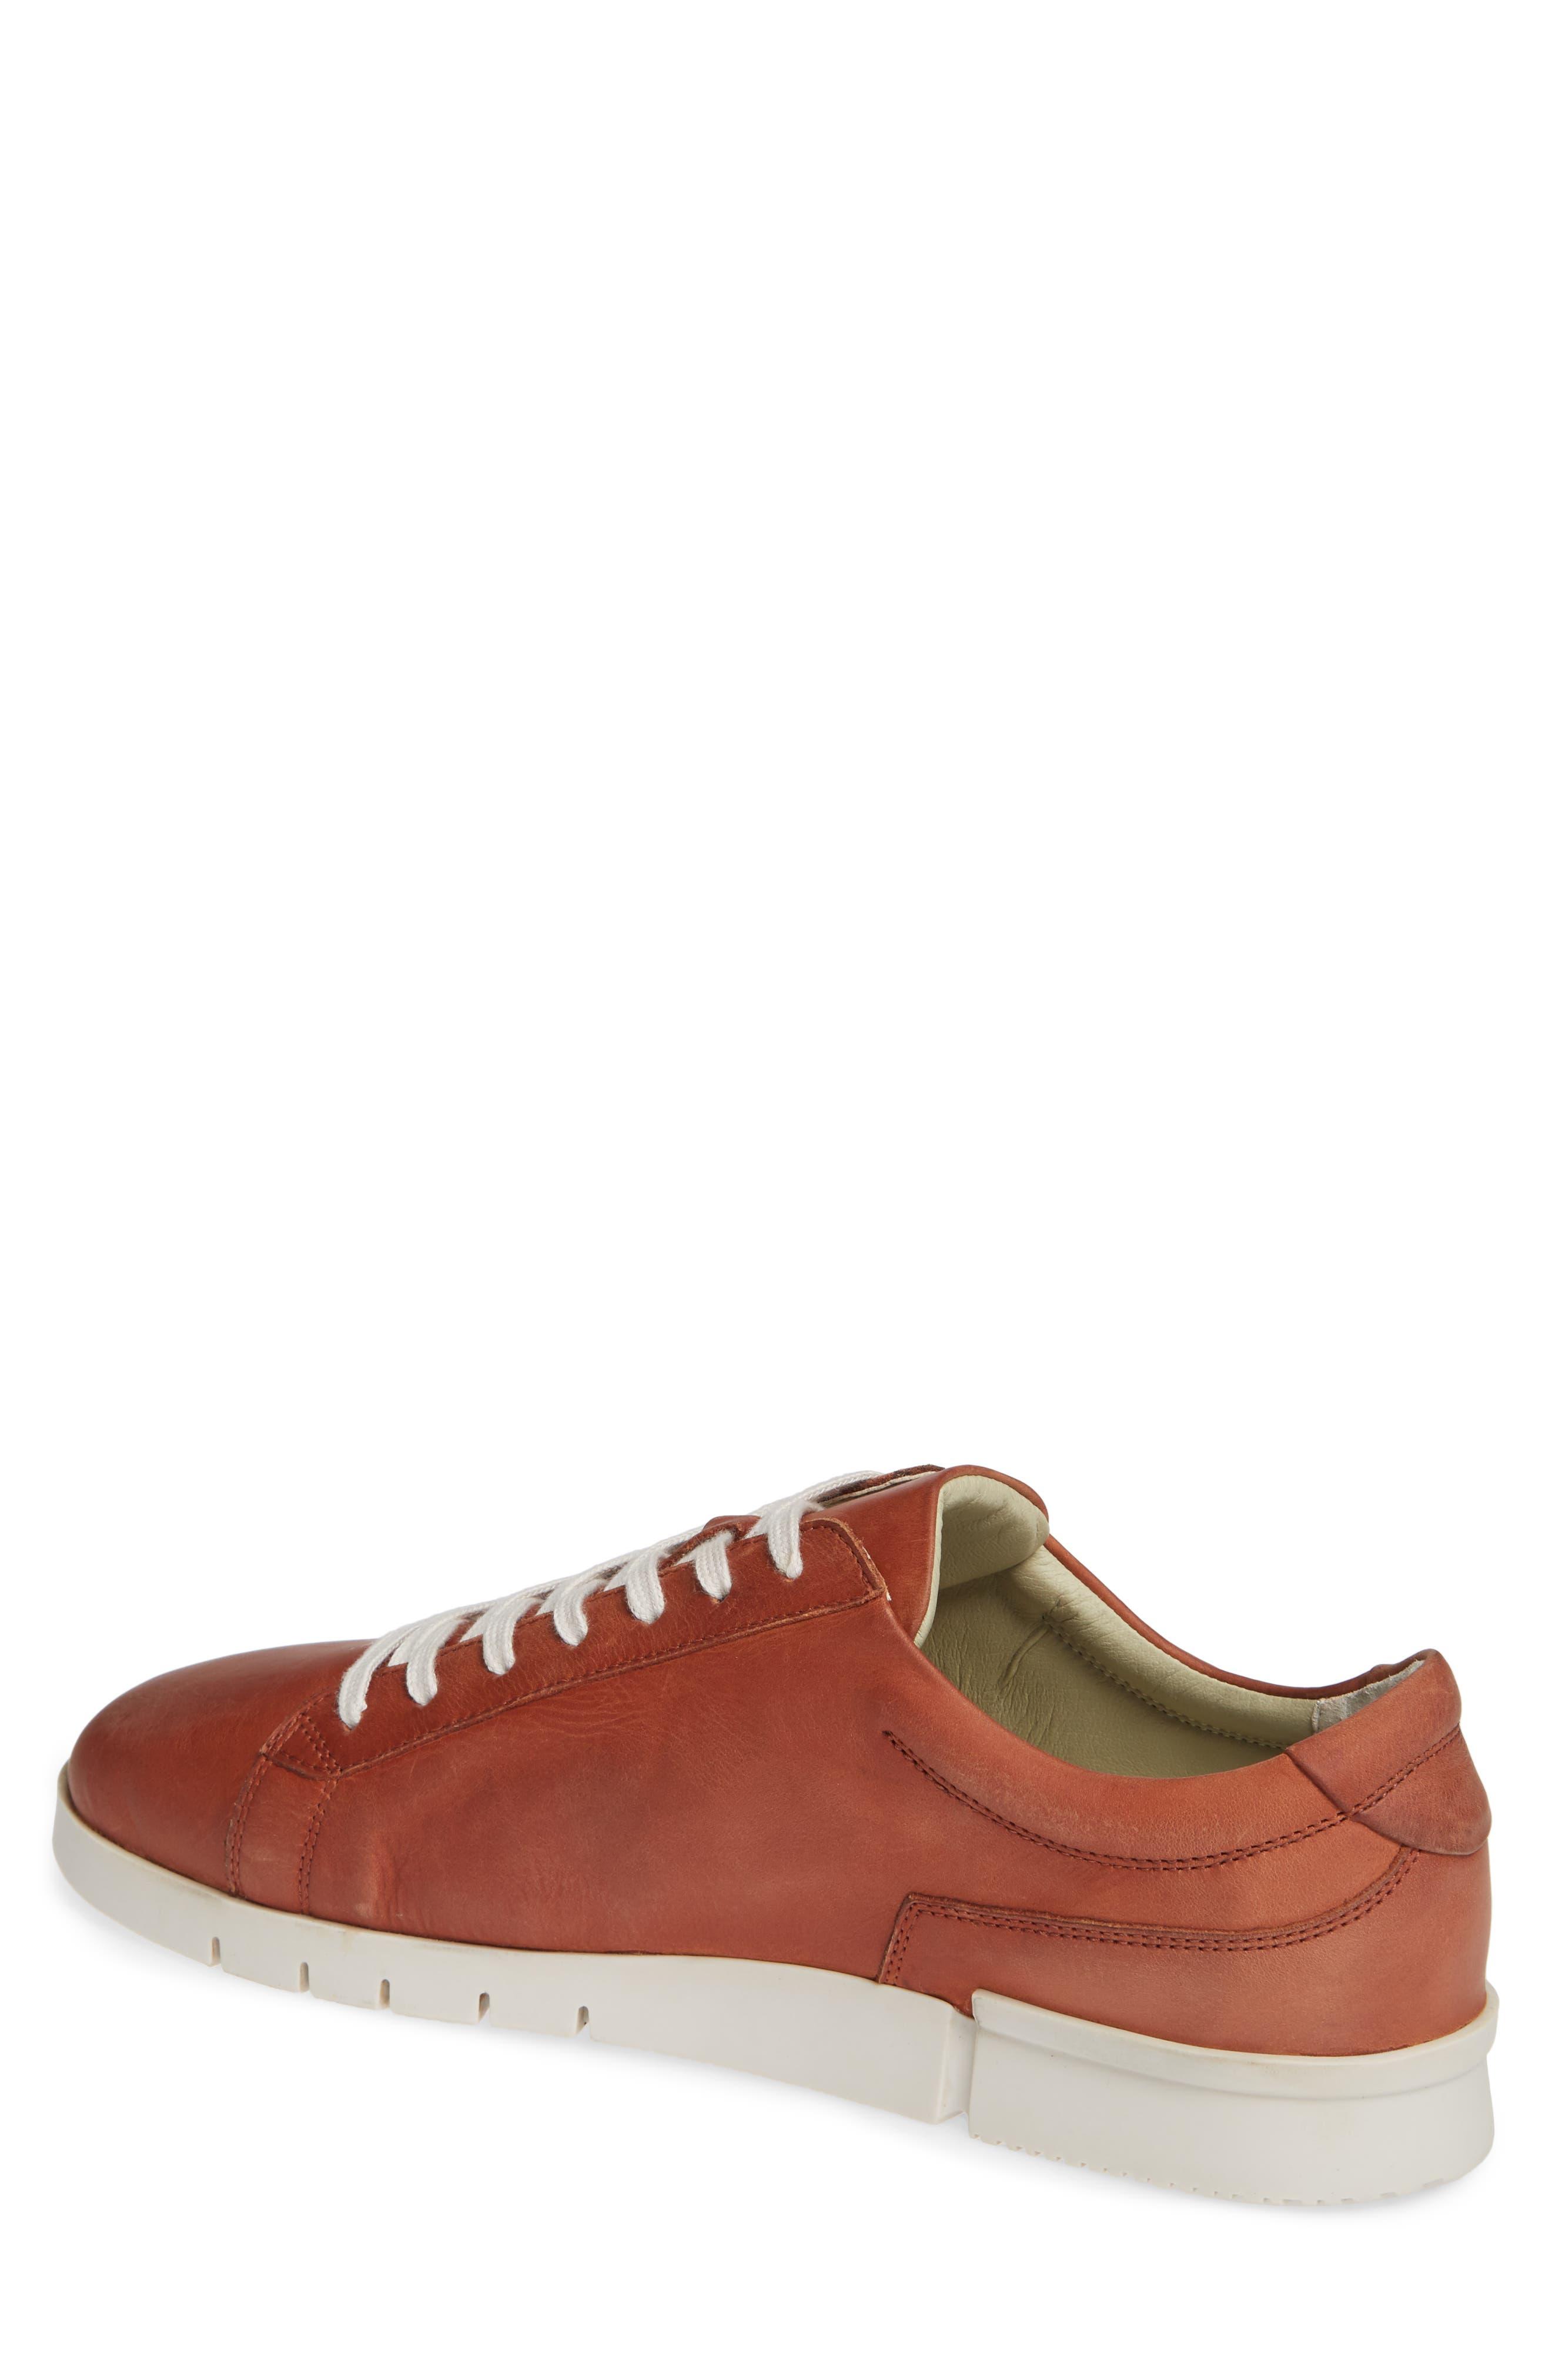 Cer Low-Top Sneaker,                             Alternate thumbnail 2, color,                             COGNAC CORGI LEATHER